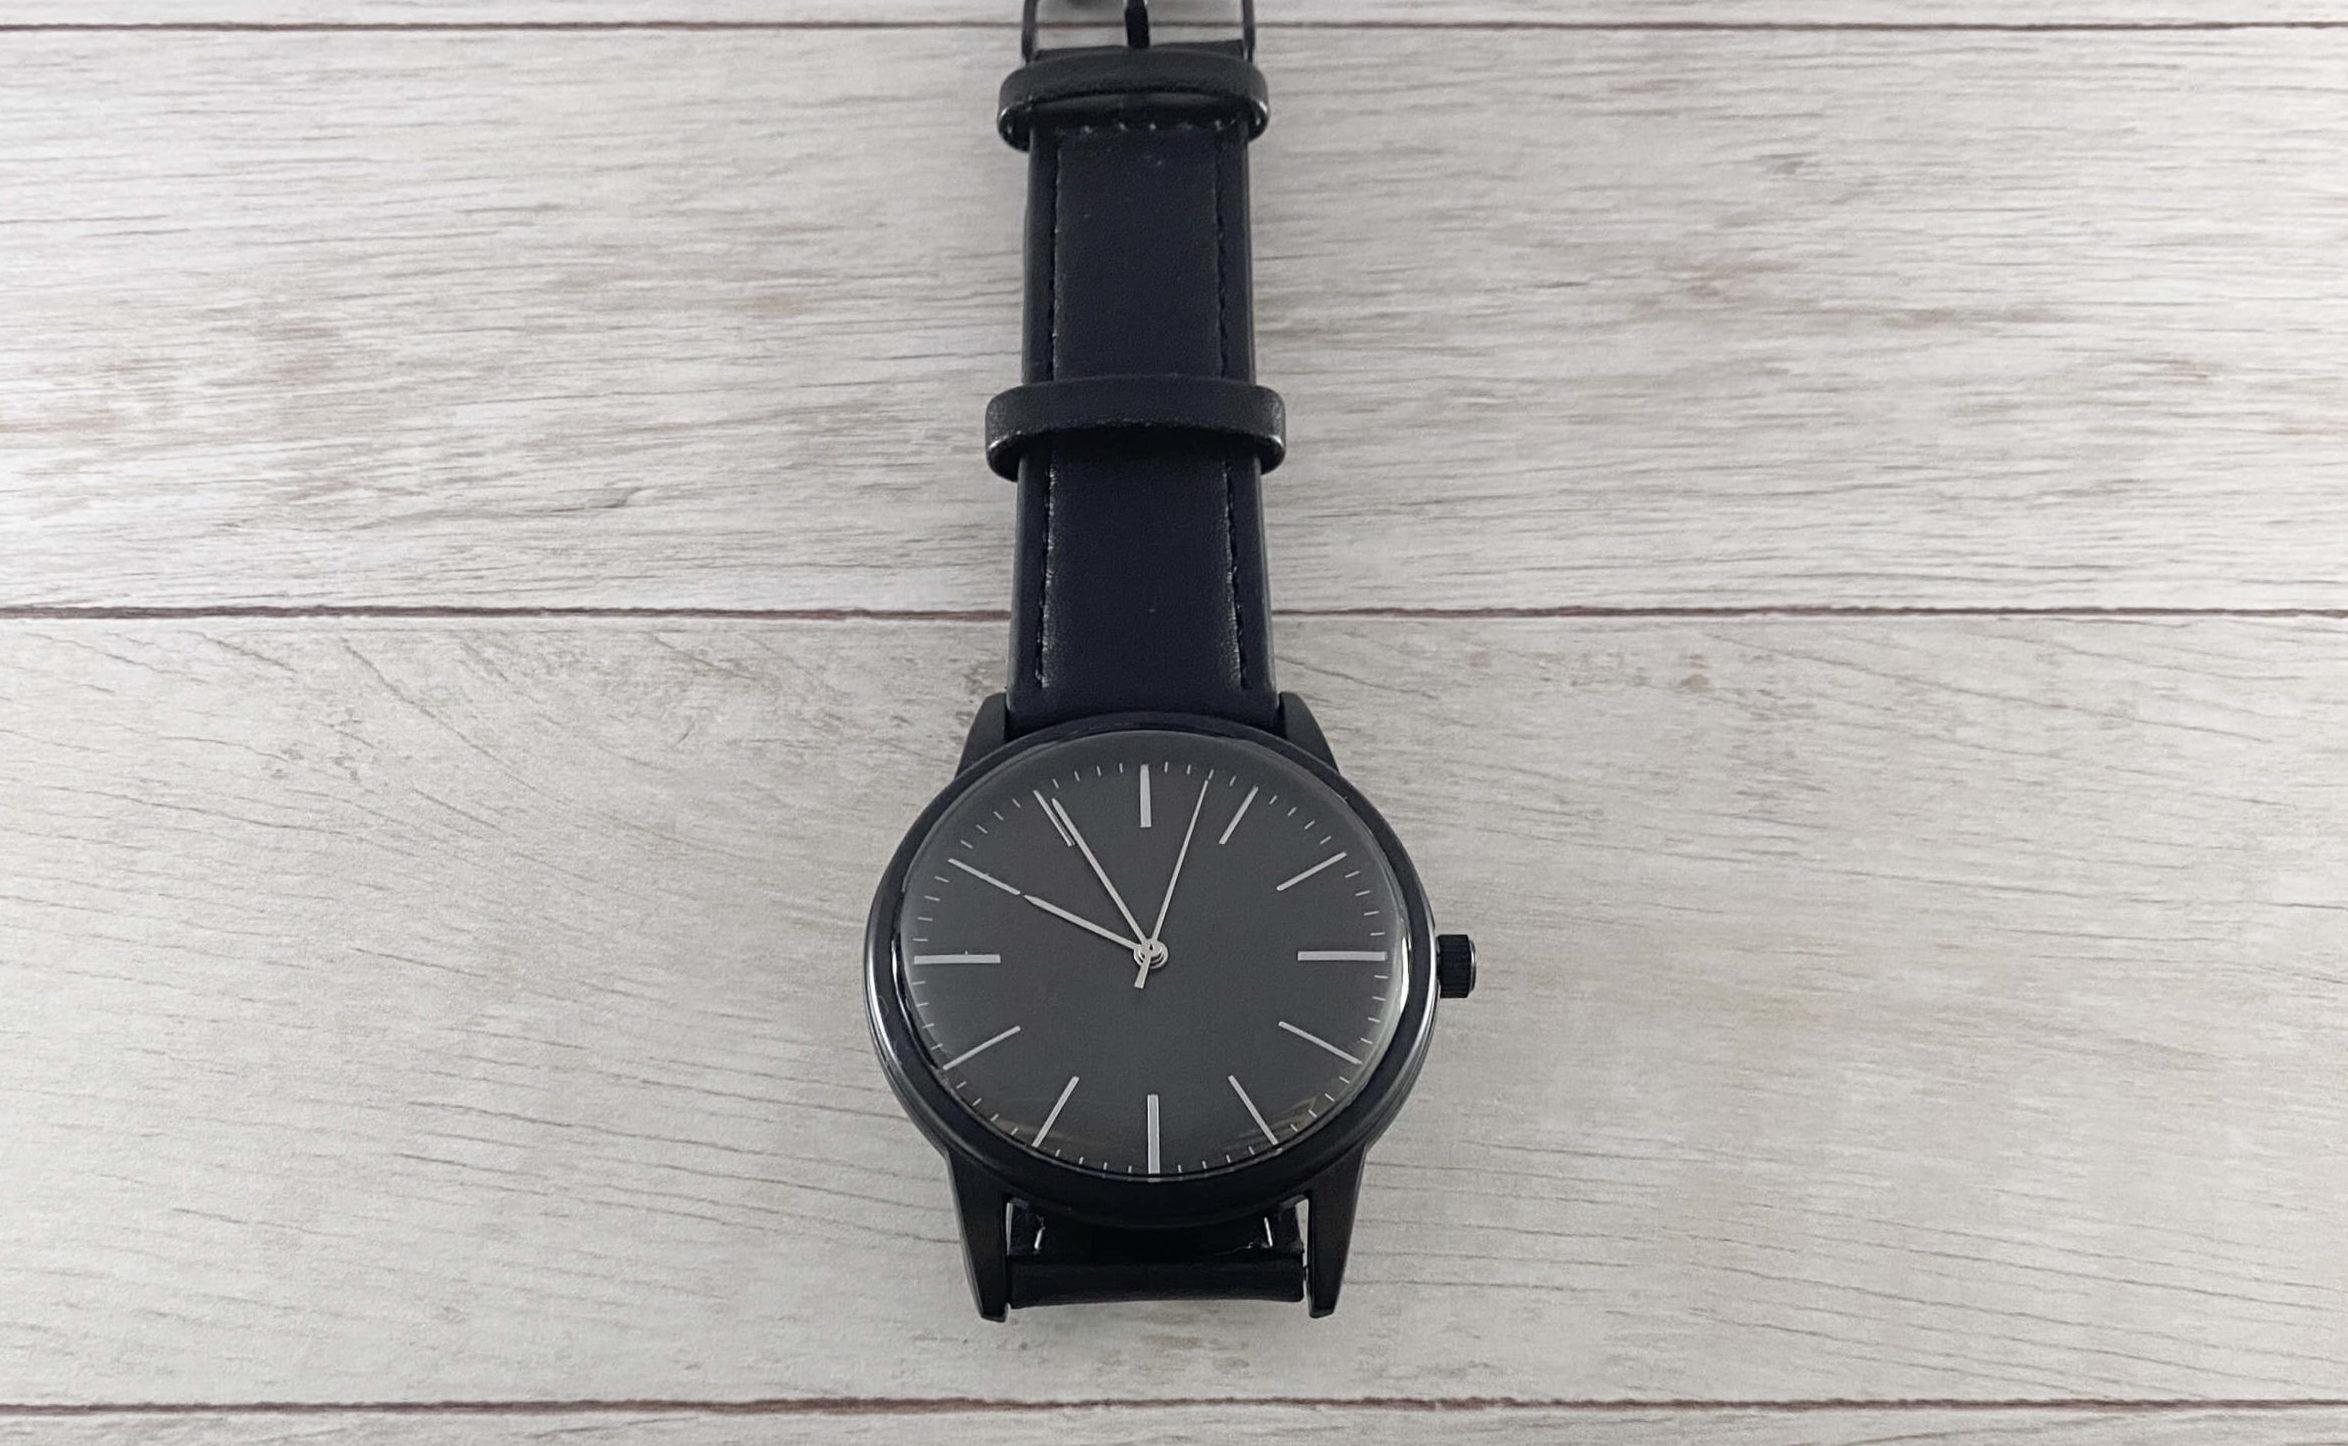 ダイソー500円腕時計の文字盤